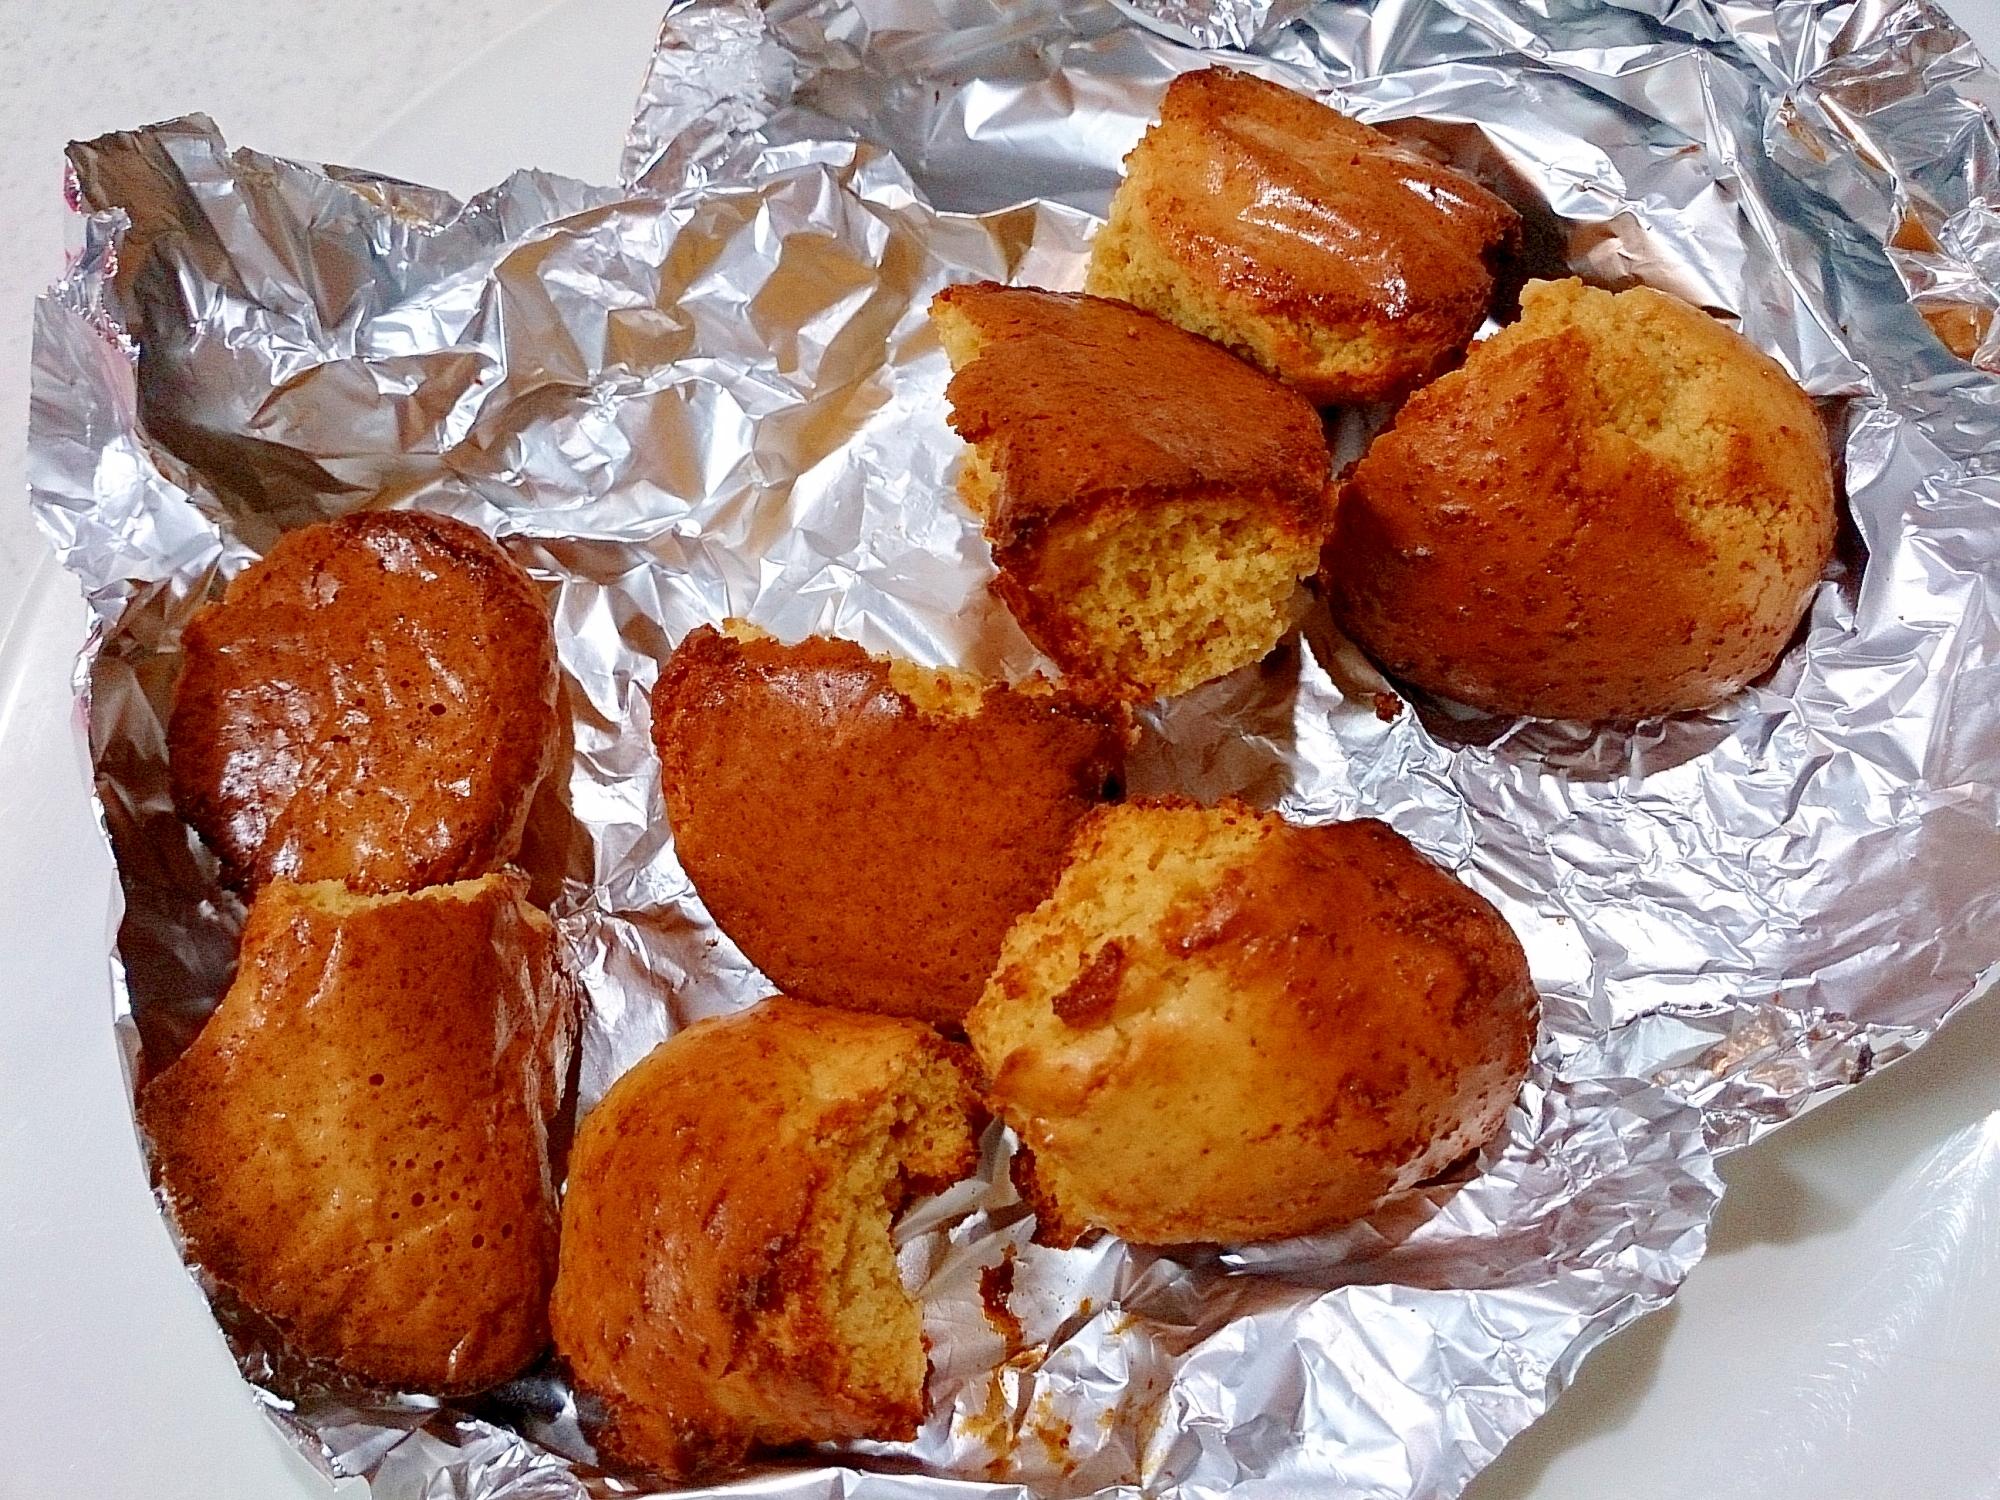 卵黄2個でコロコロ焼きドーナッツ(ノンフライヤー)